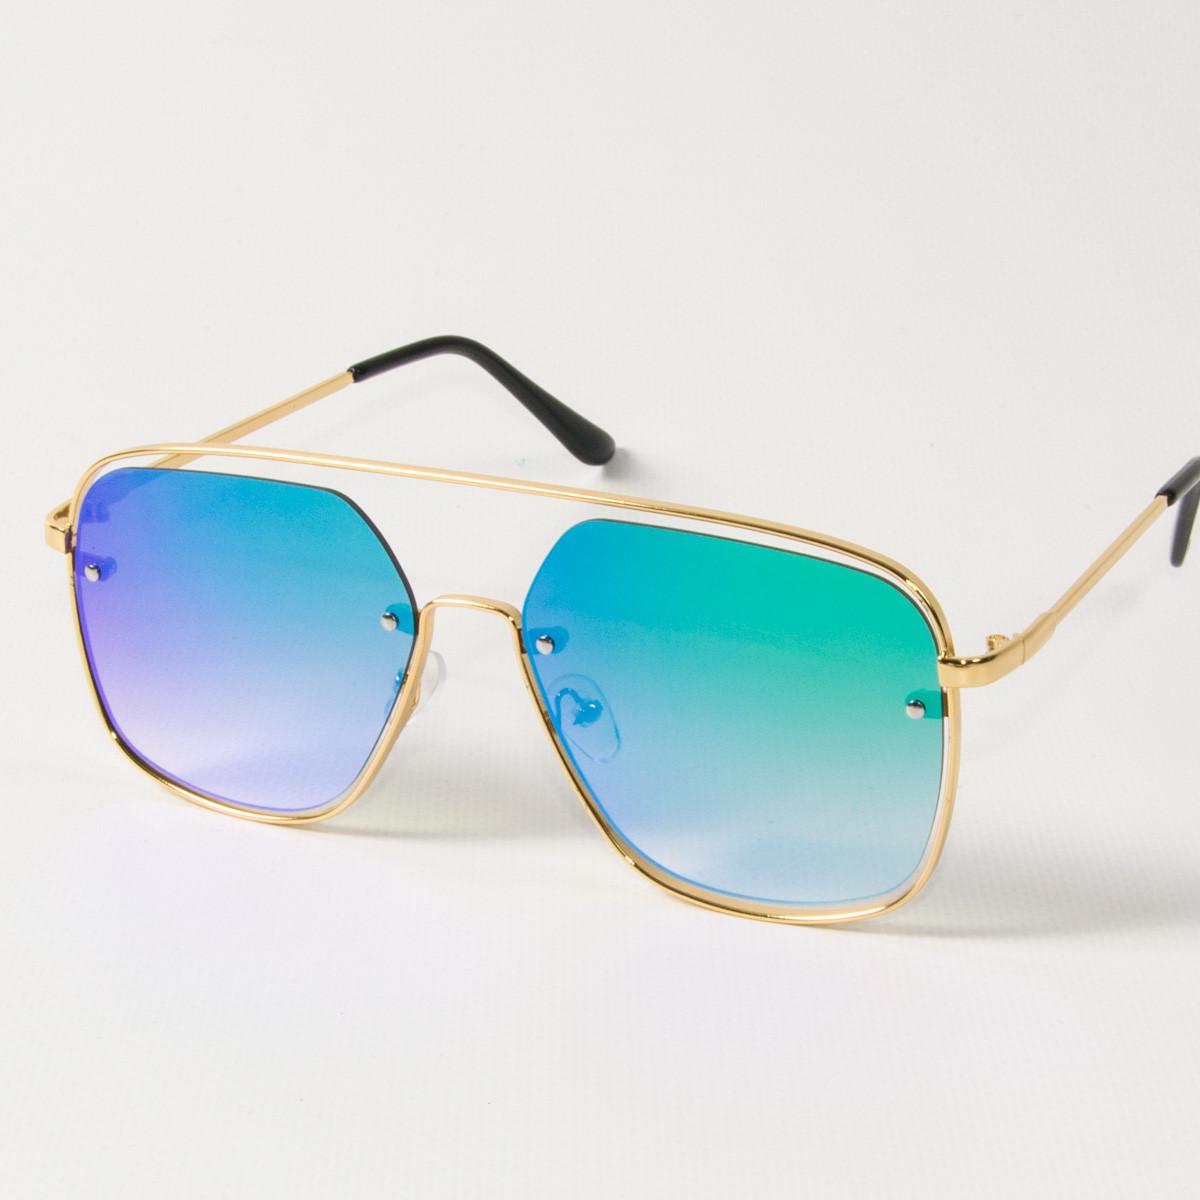 Оптом женские солнцезащитные квадратные зеркальные очки (арт. 6249/3) сине-зеленые